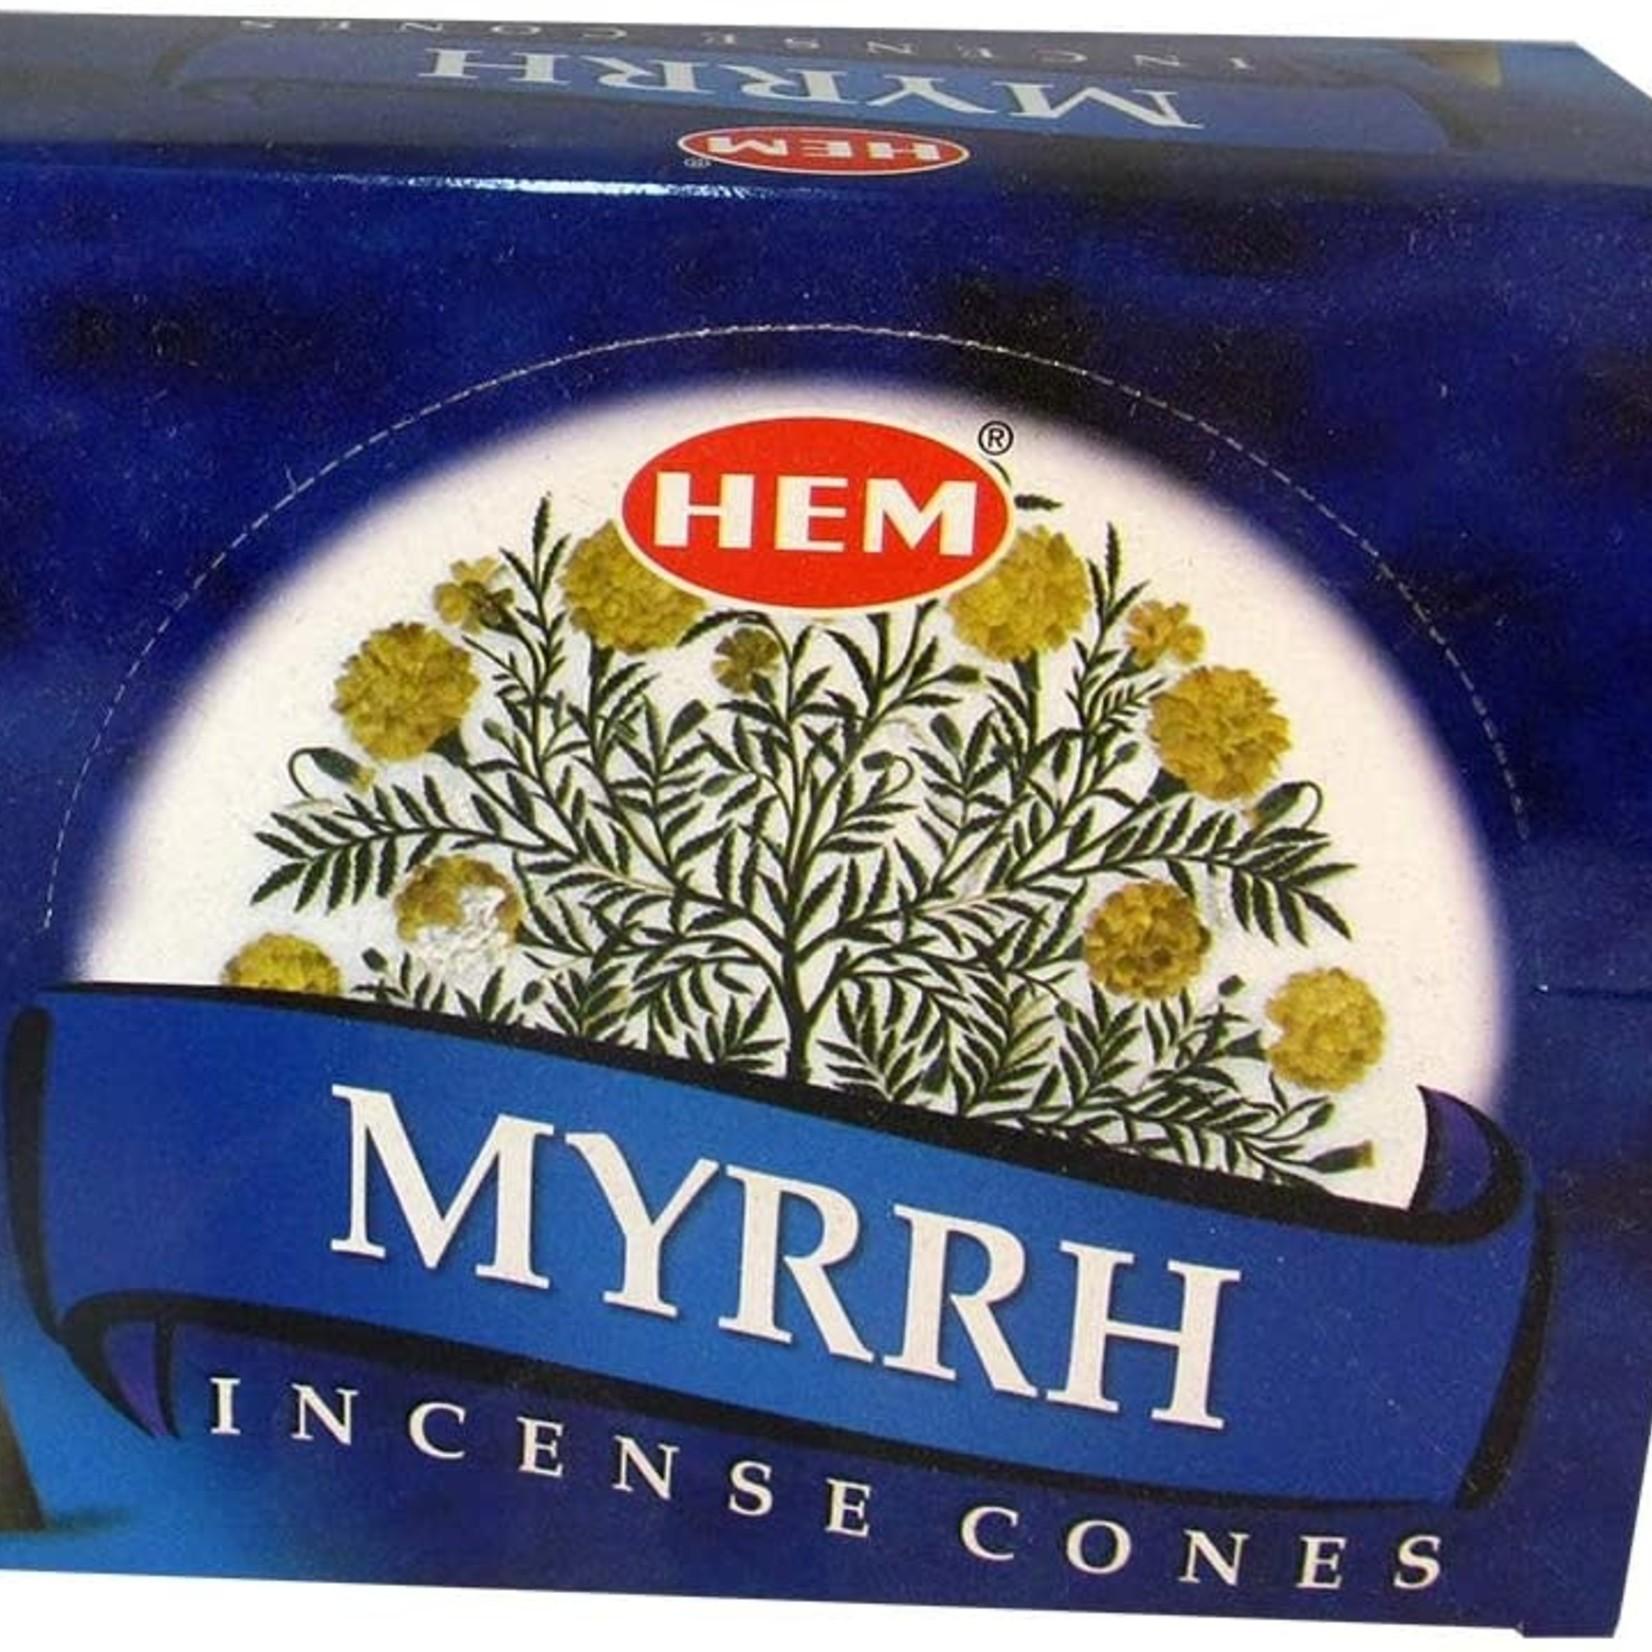 Myrrh Incense Cone -Hem